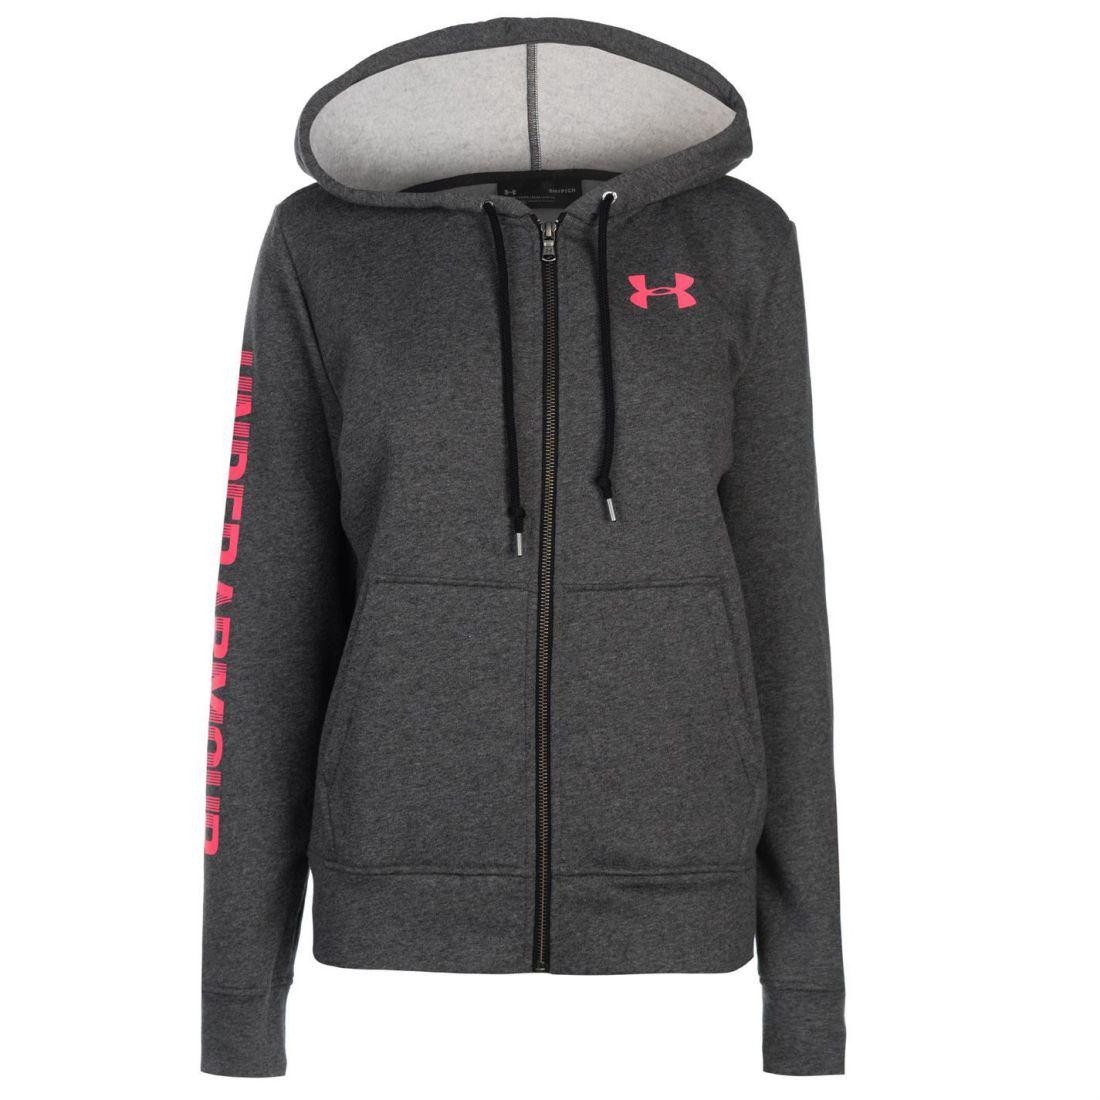 Under Armour Logo Fleece Zip Hoodie Ladies Hoody Hooded Top Full Length  Sleeve 54a275cb0b